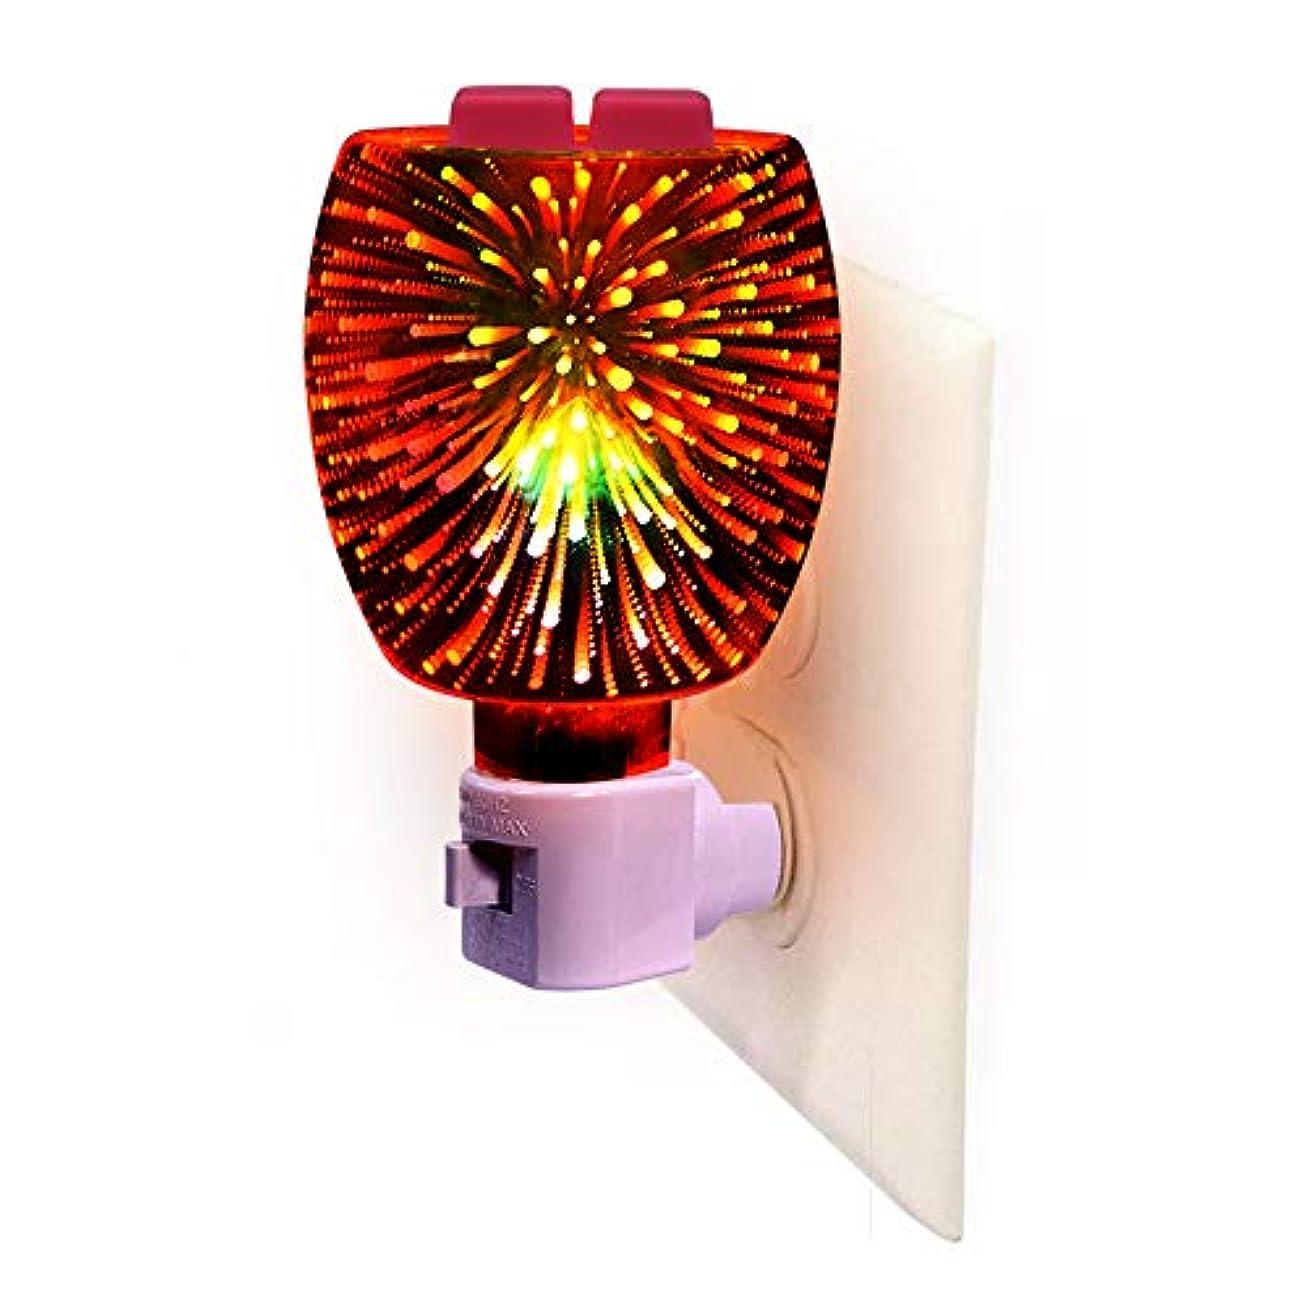 オール地域ペチュランス3D Glass Pluggable Fragrance Warmer- Decorative Plug-in for Warming Scented Candle Wax Melts and Tarts or Essential...